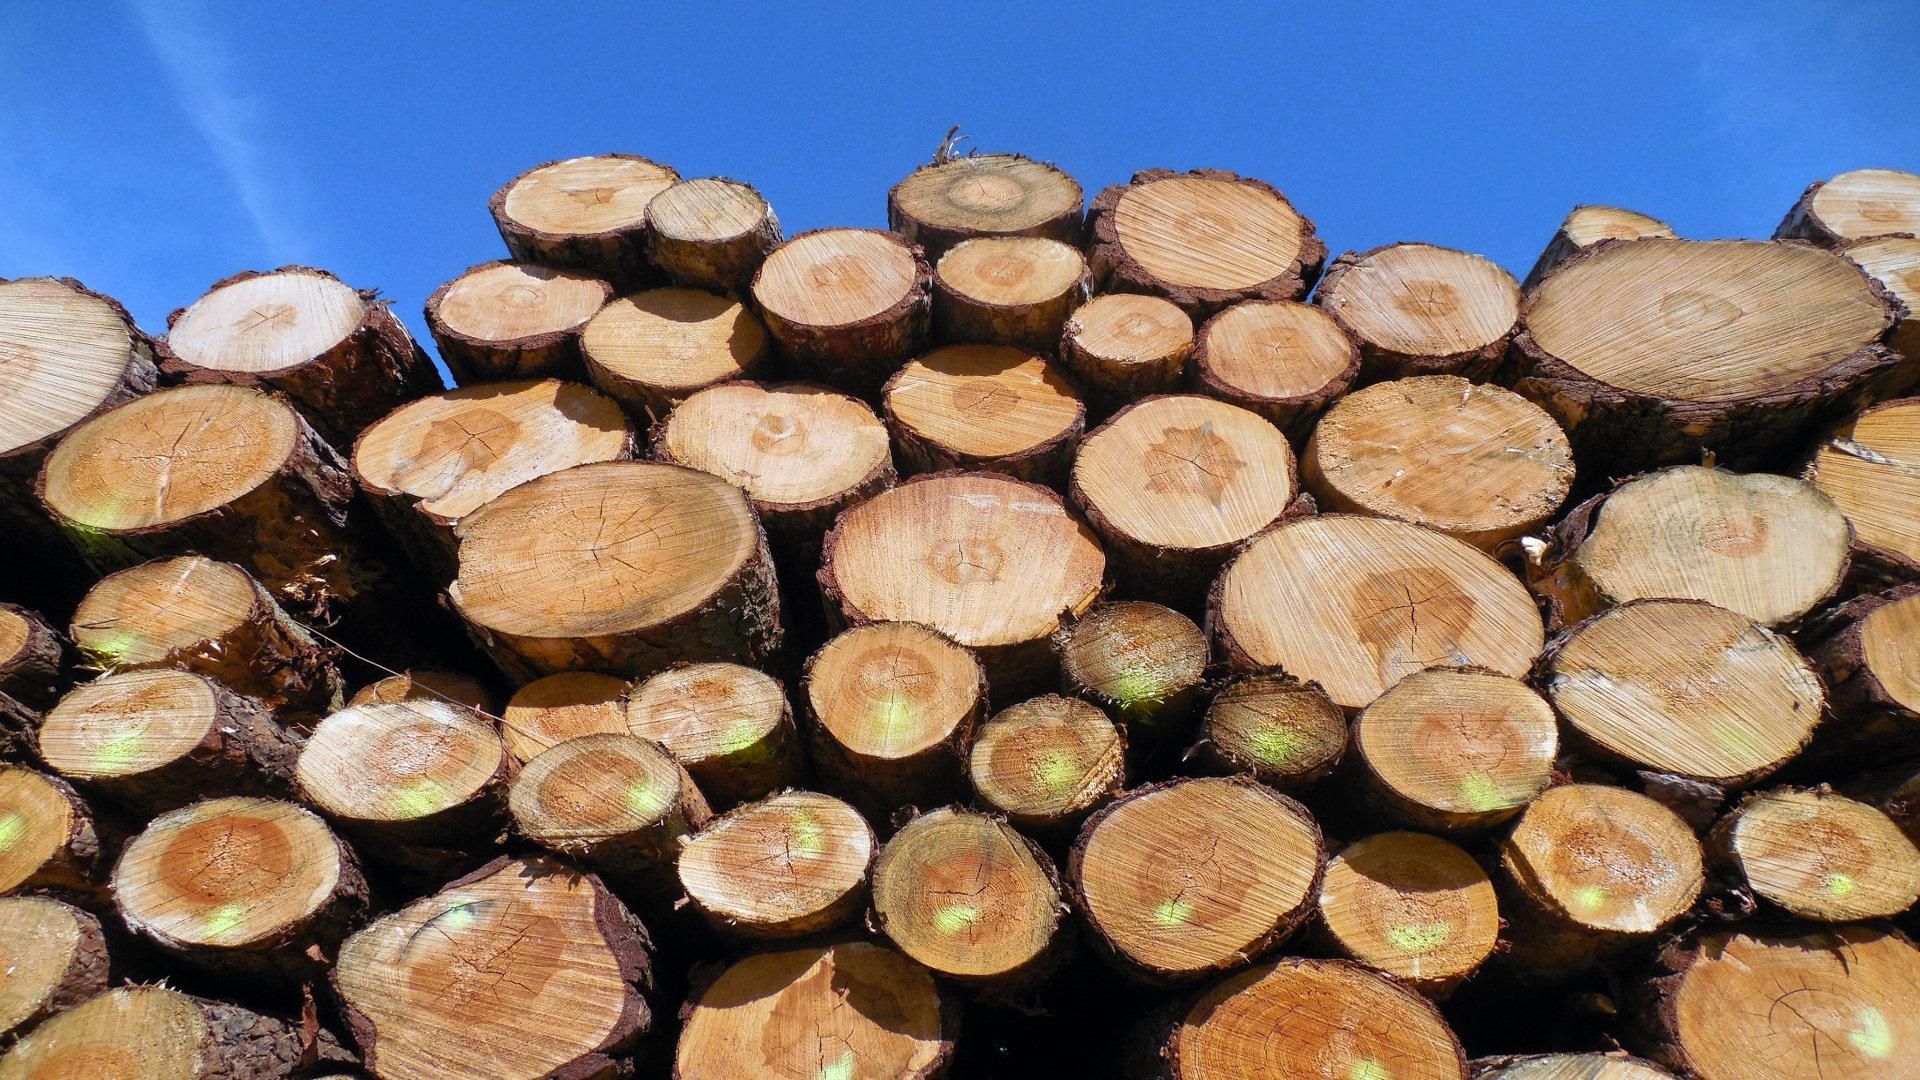 La Xunta permitira cortar pinos y eucaliptos sin necesidad de permiso1920